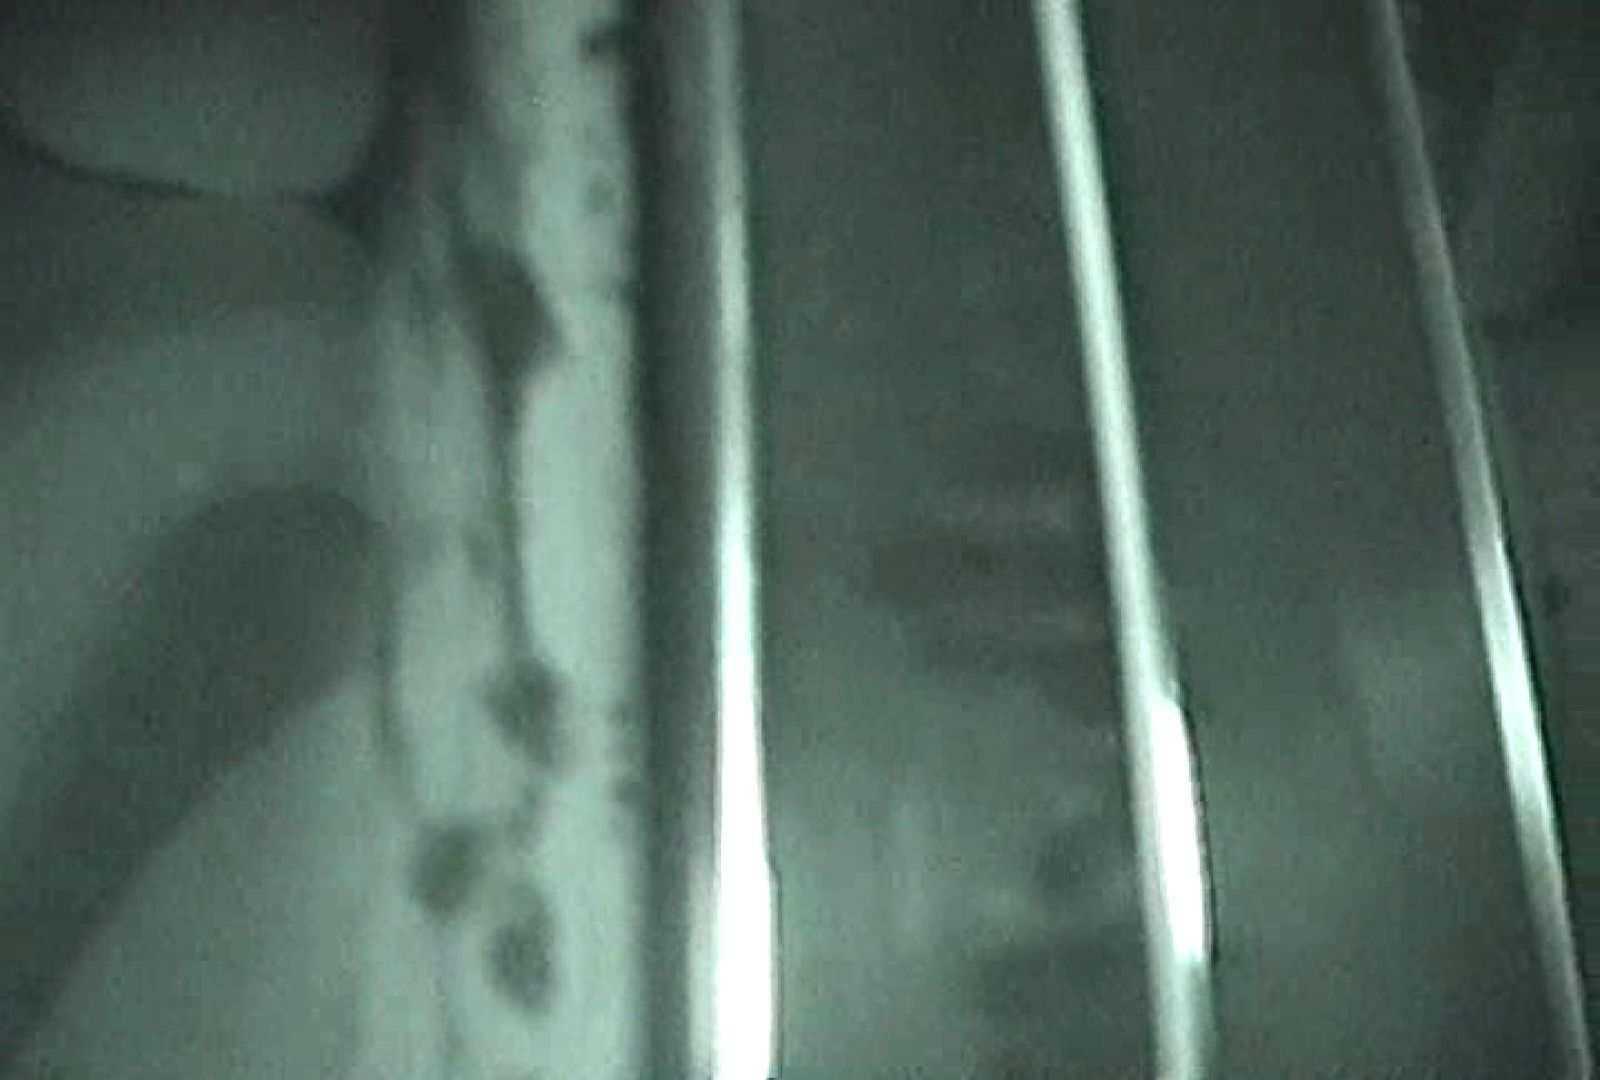 充血監督の深夜の運動会Vol.94 OLの実態  71pic 24